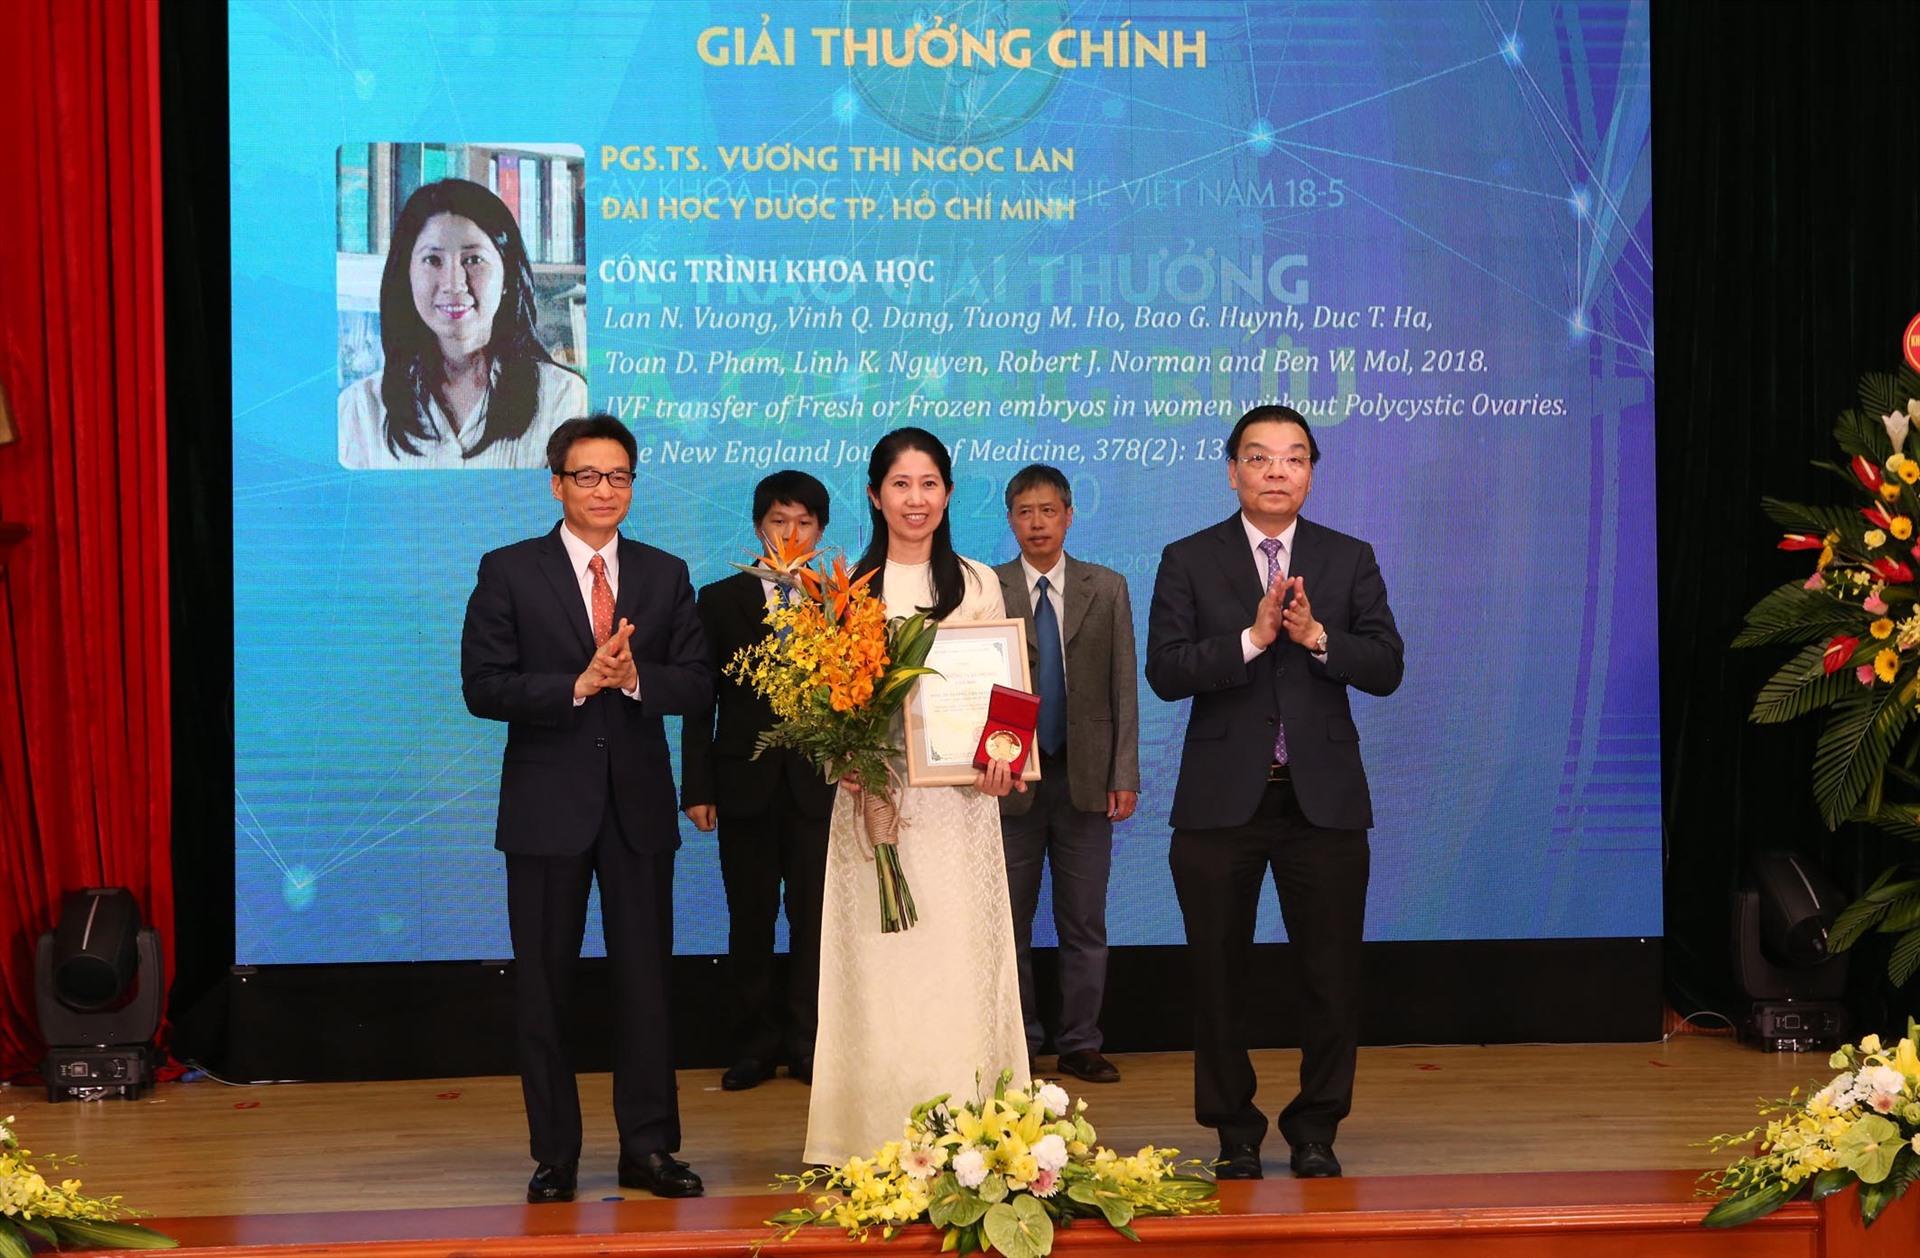 Phó thủ tướng Vũ Đức Đam (ngoài cùng bên trái) và Bộ trưởng Bộ KH&CN Chu Ngọc Anh (ngoài cùng bên phải) trao giải thưởng Tạ Quang Bửu cho PGS.TS Vương Thị Ngọc Lan. Ảnh: PV